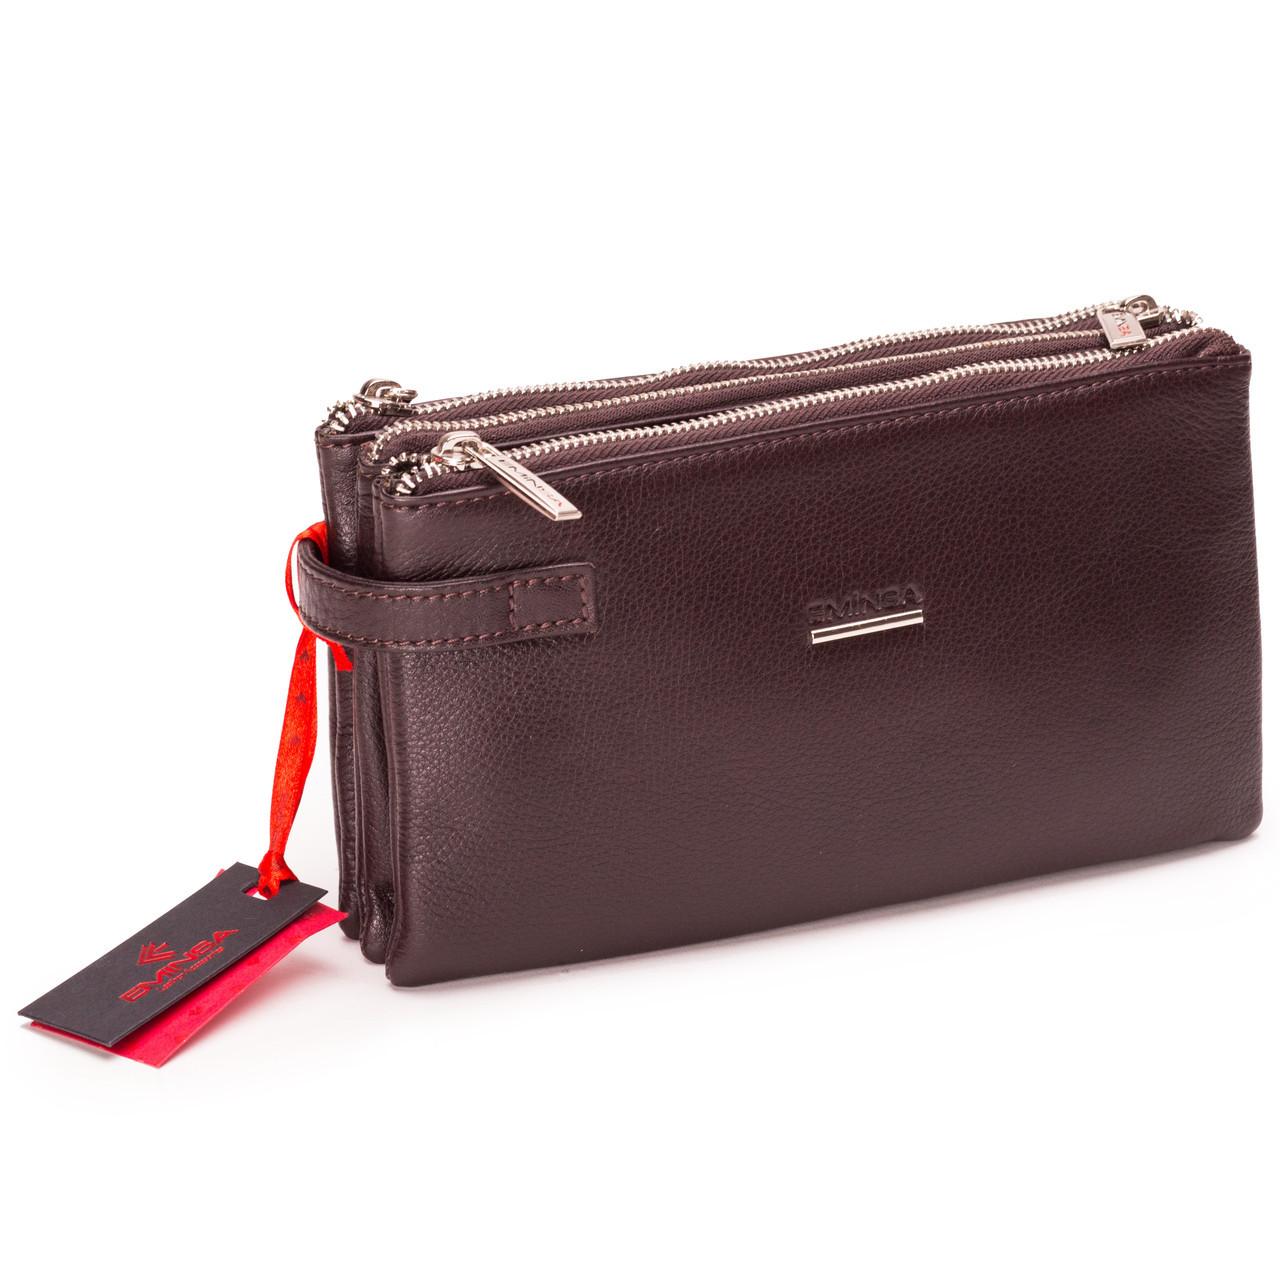 9f4776071f22 Мужская сумка барсетка кожаная коричневая Eminsa 5095 12-3  2 535 ...